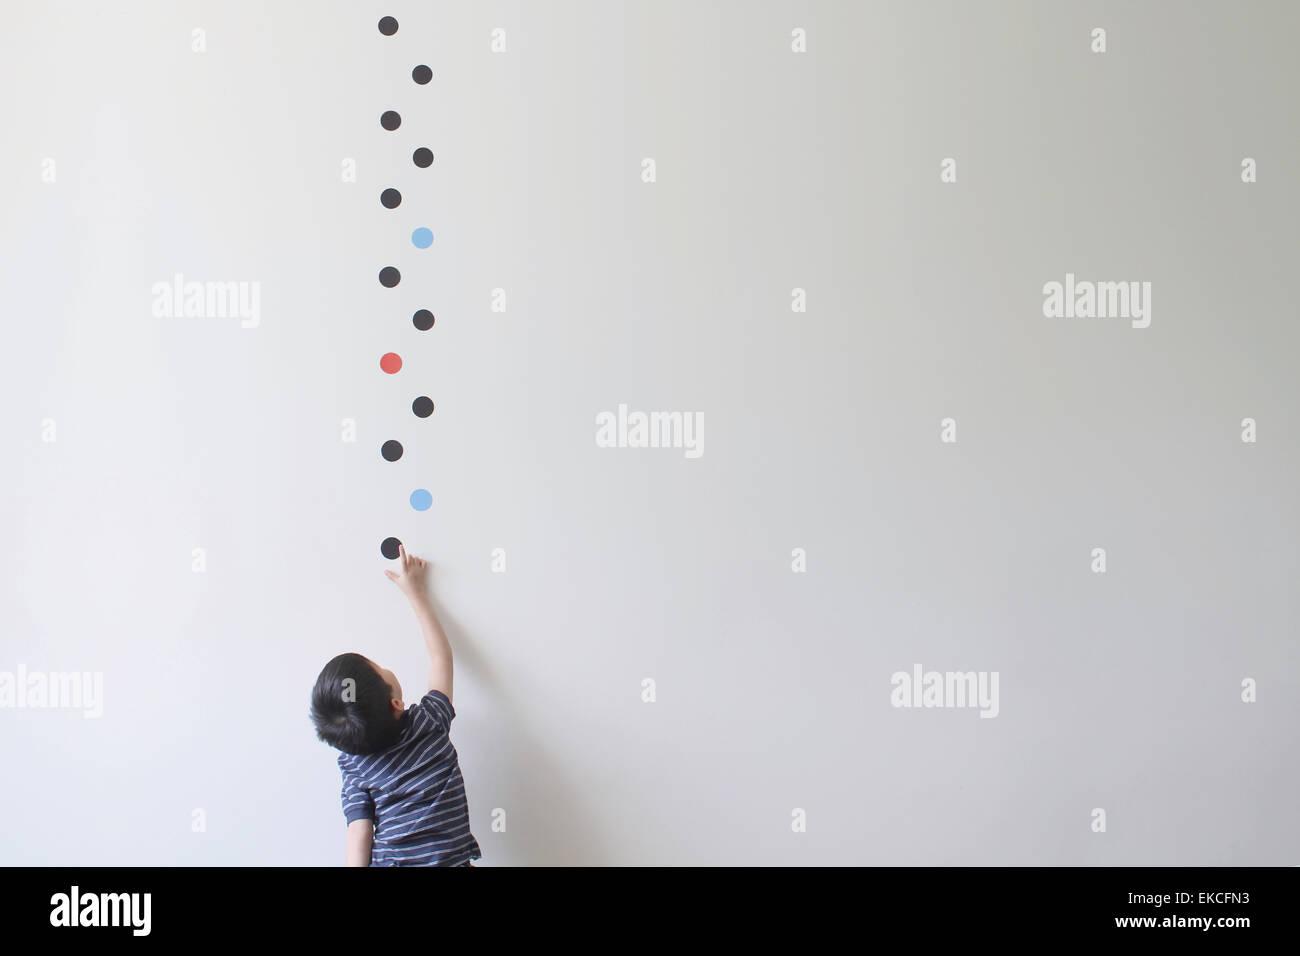 Chico tratando de elegir uno de los patrones de puntos de la pared Imagen De Stock